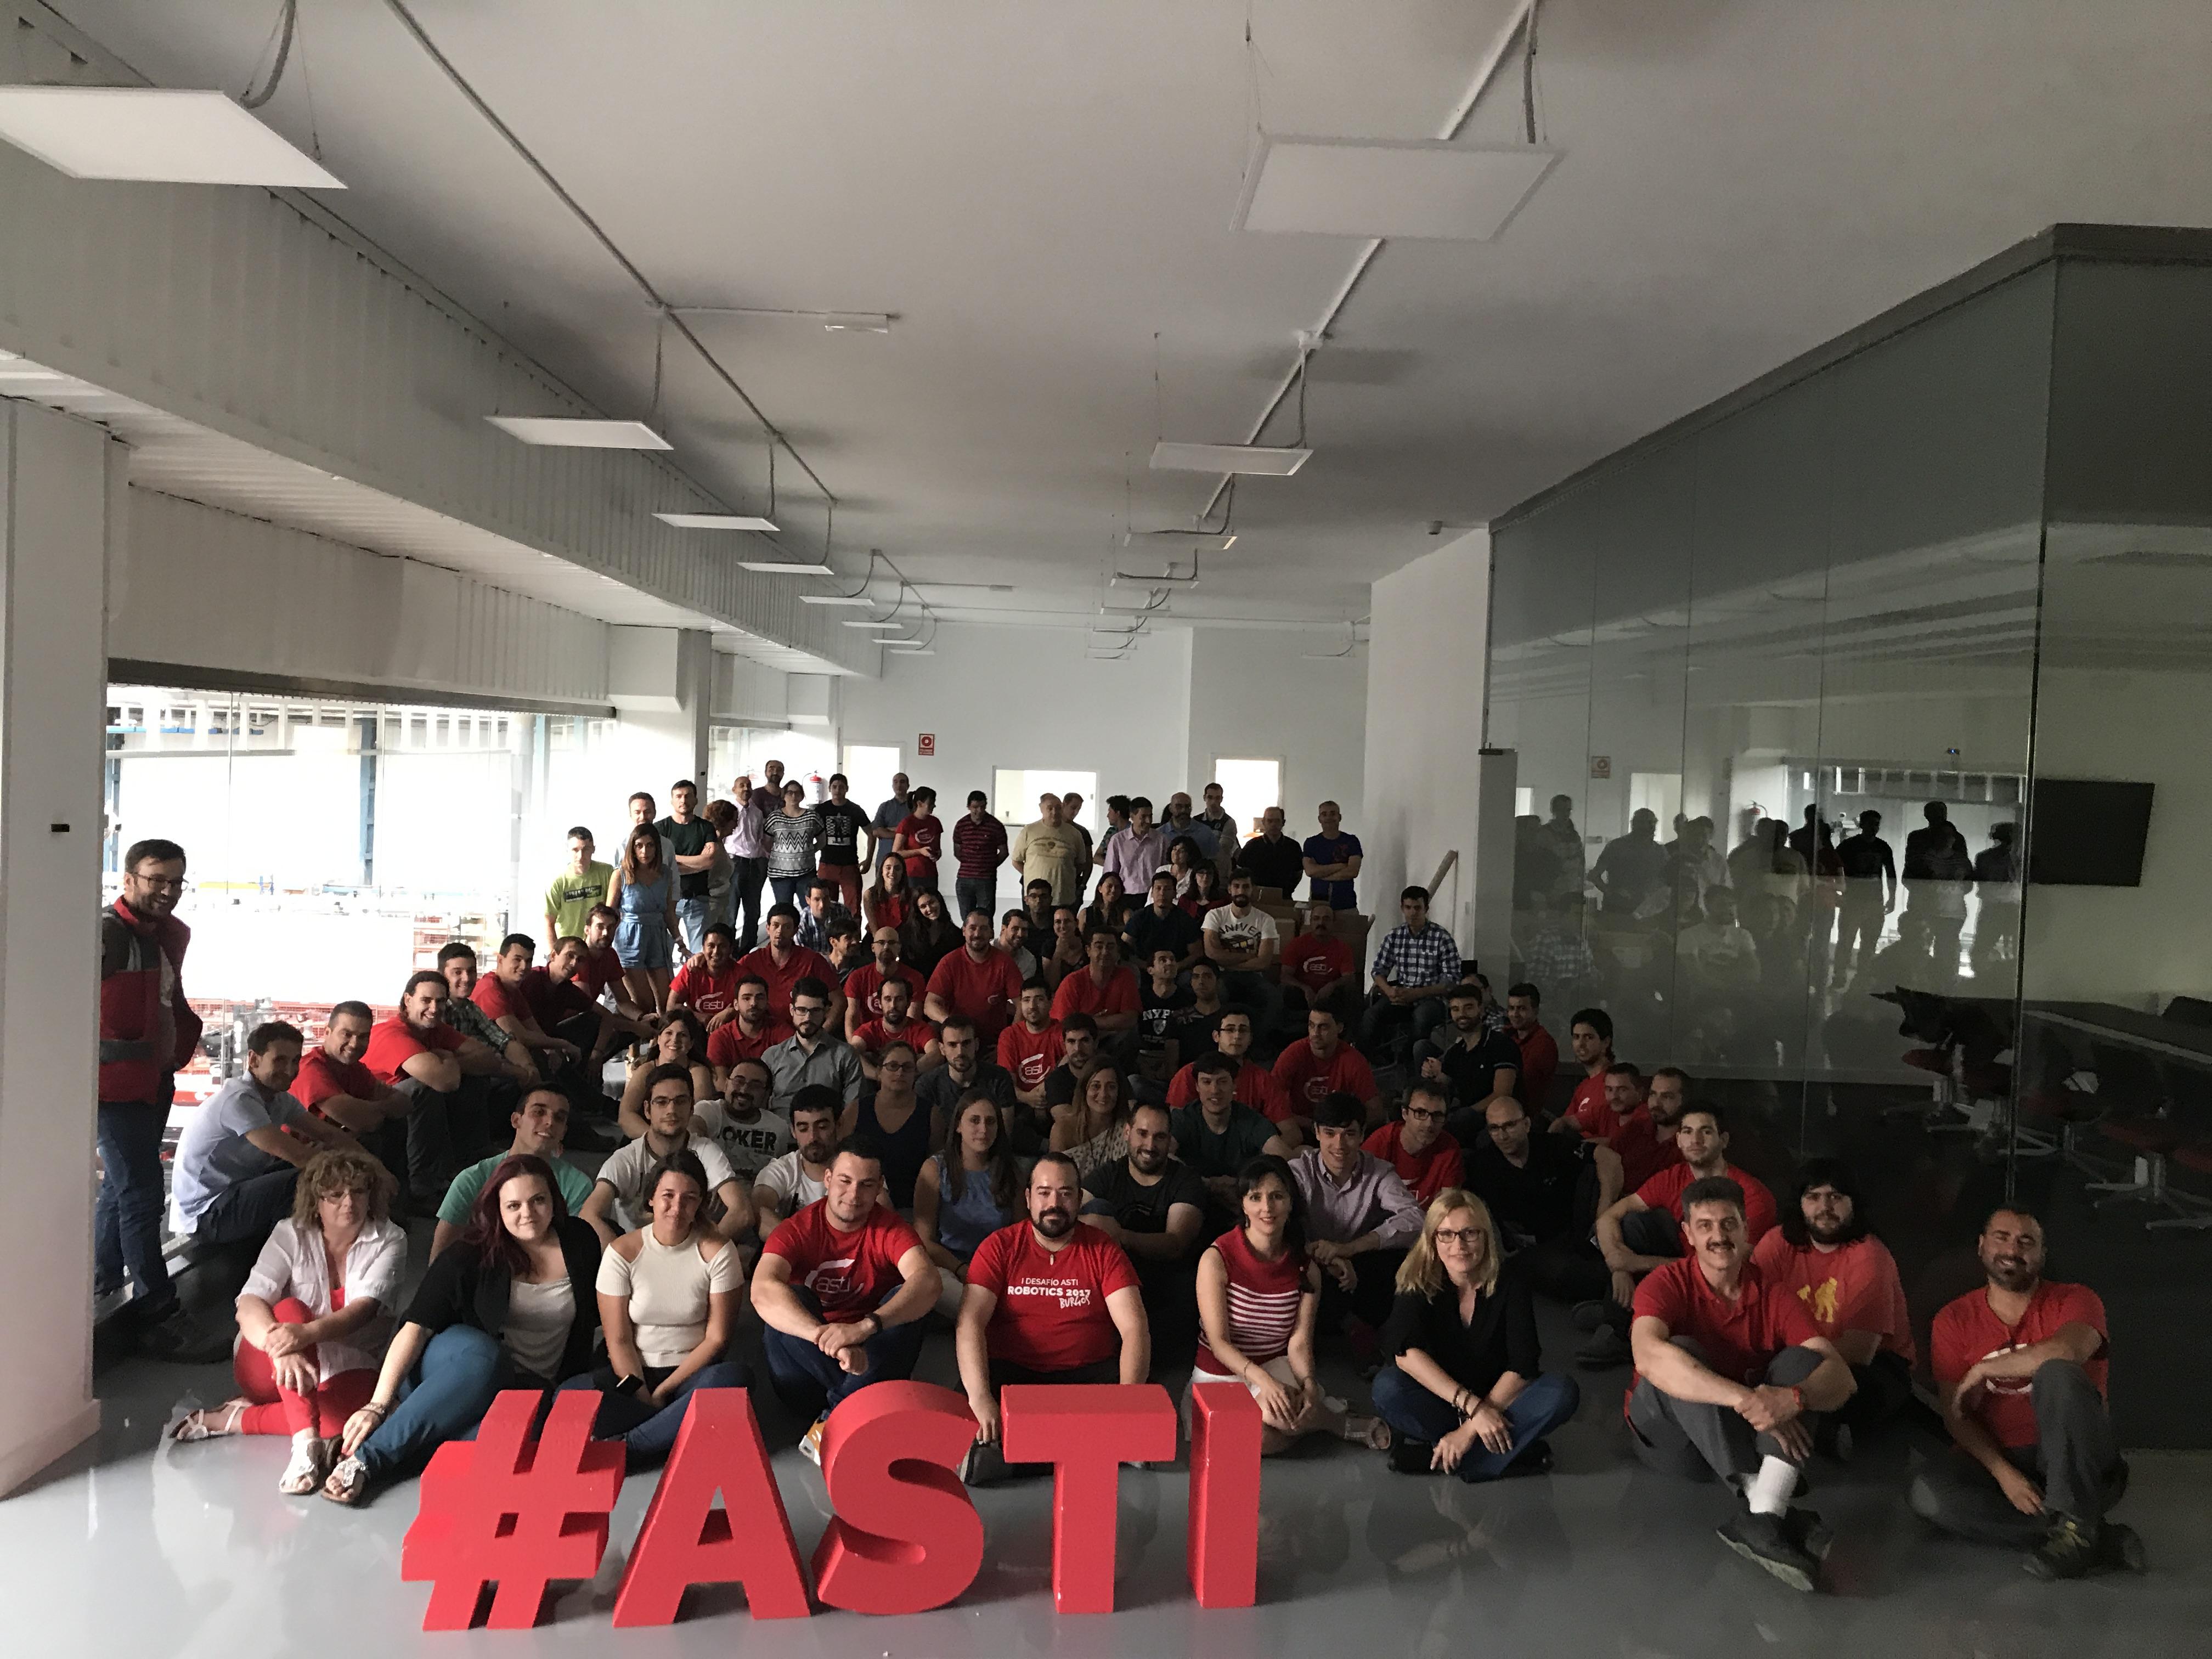 El equipo de ASTI comparte y celebra los éxitos de la compañía